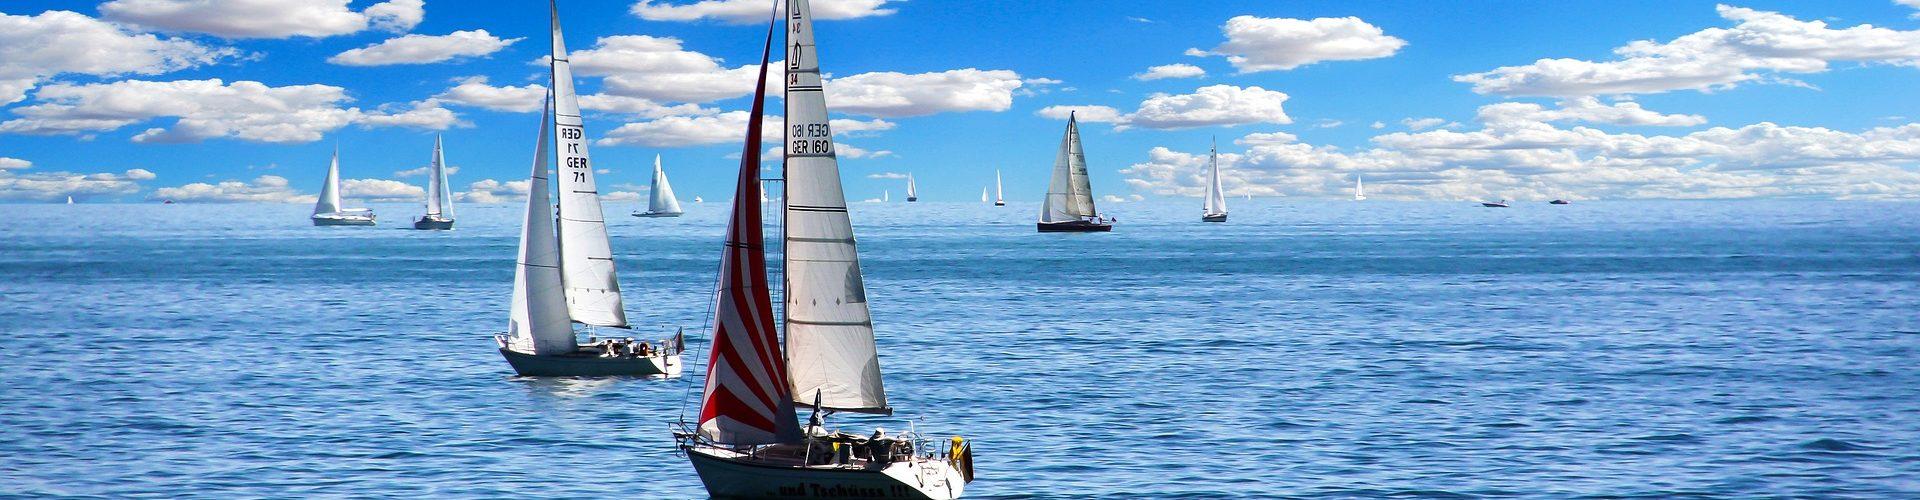 segeln lernen in Diemelsee segelschein machen in Diemelsee 1920x500 - Segeln lernen in Diemelsee